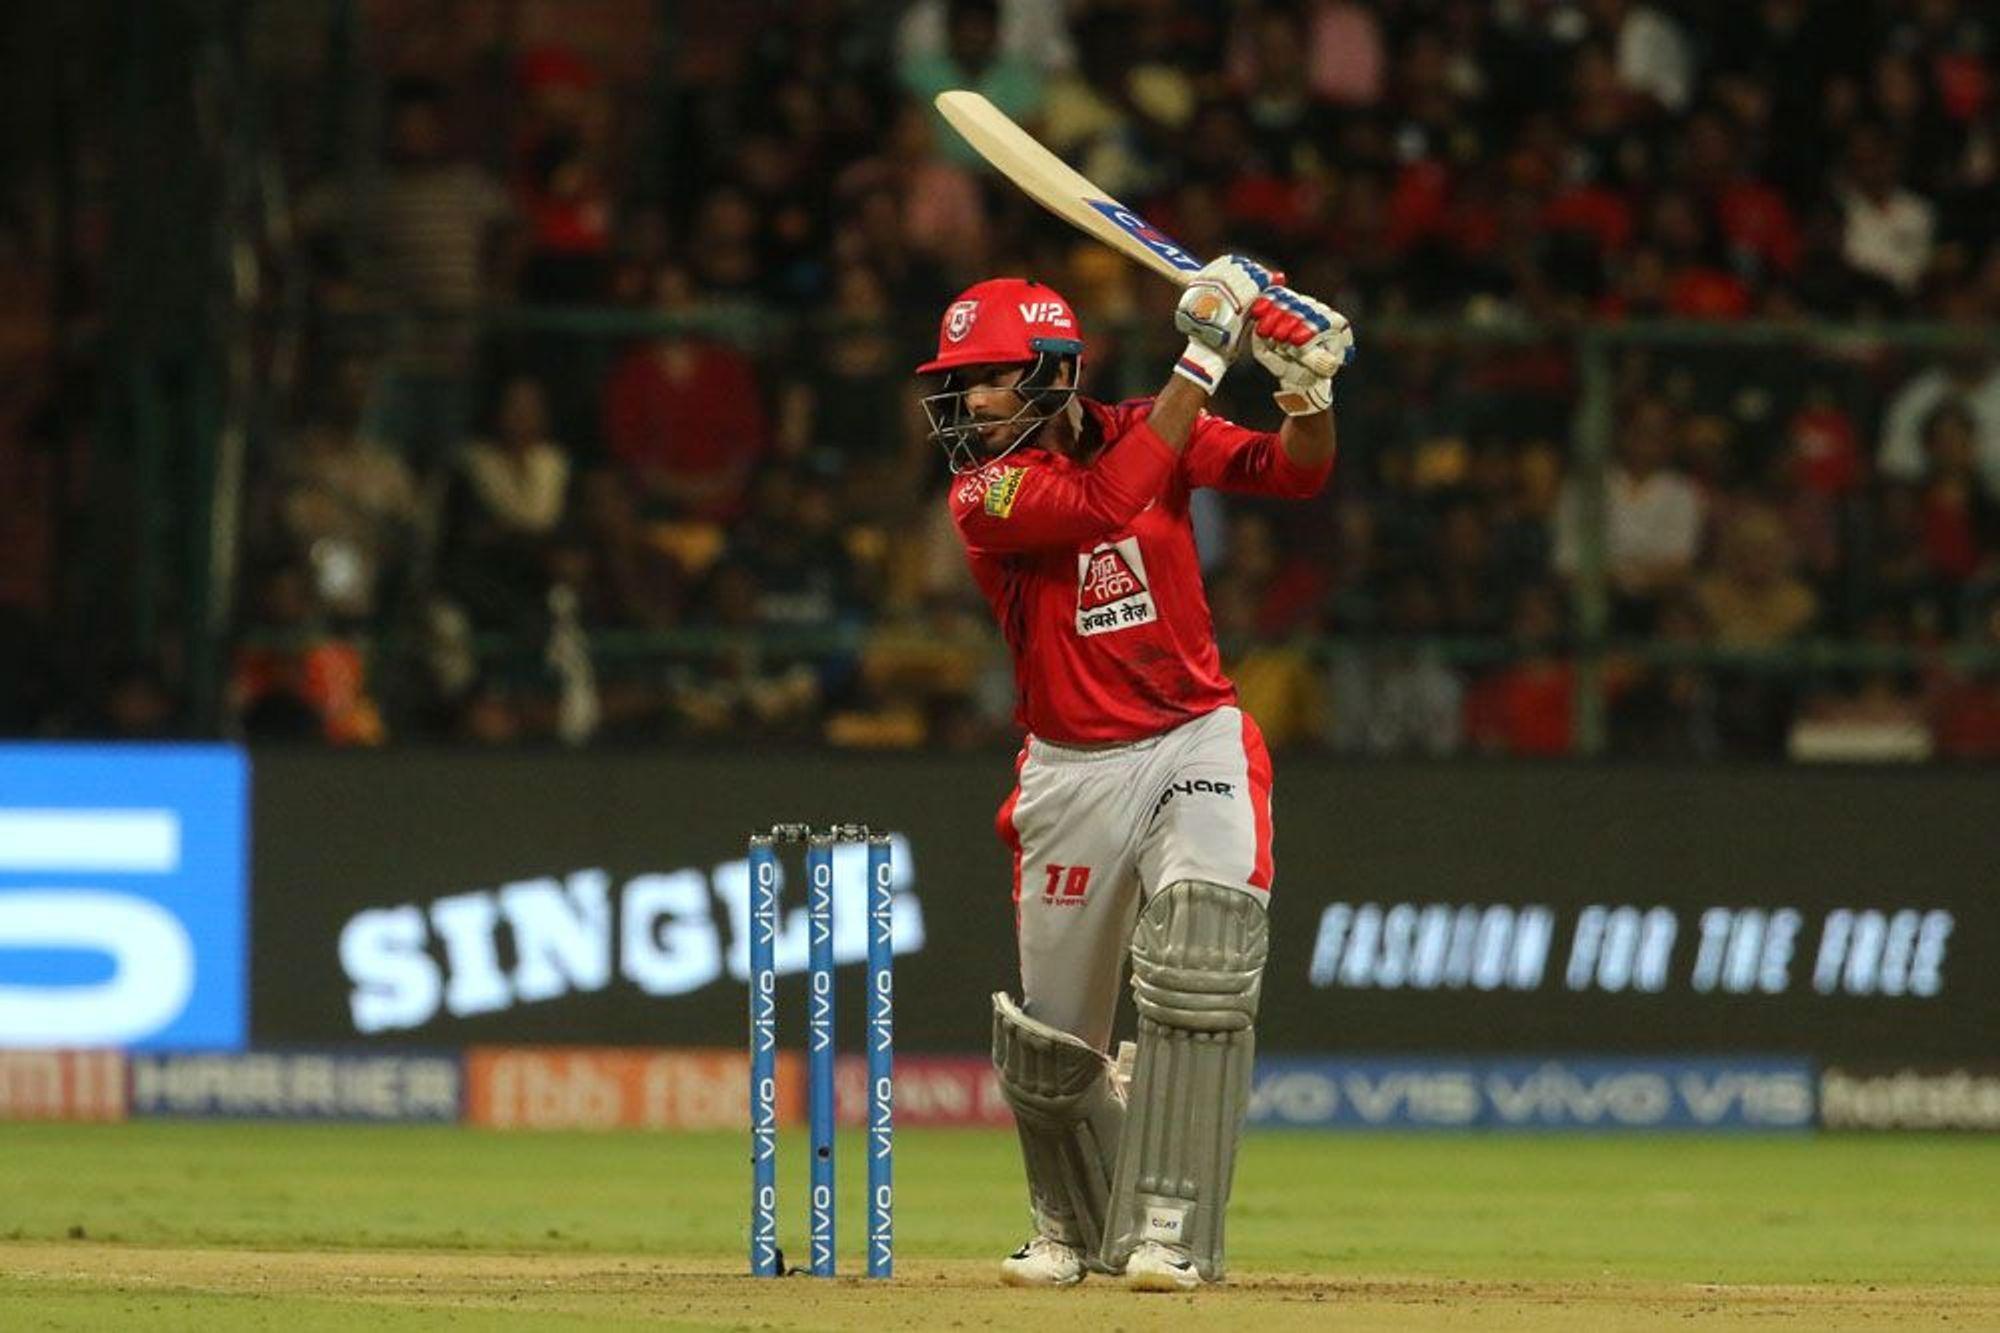 रॉयल चैलेंजर्स बैंगलोर के खिलाफ किंग्स इलेवन पंजाब की हार के ये रहे 3 प्रमुख कारण 6